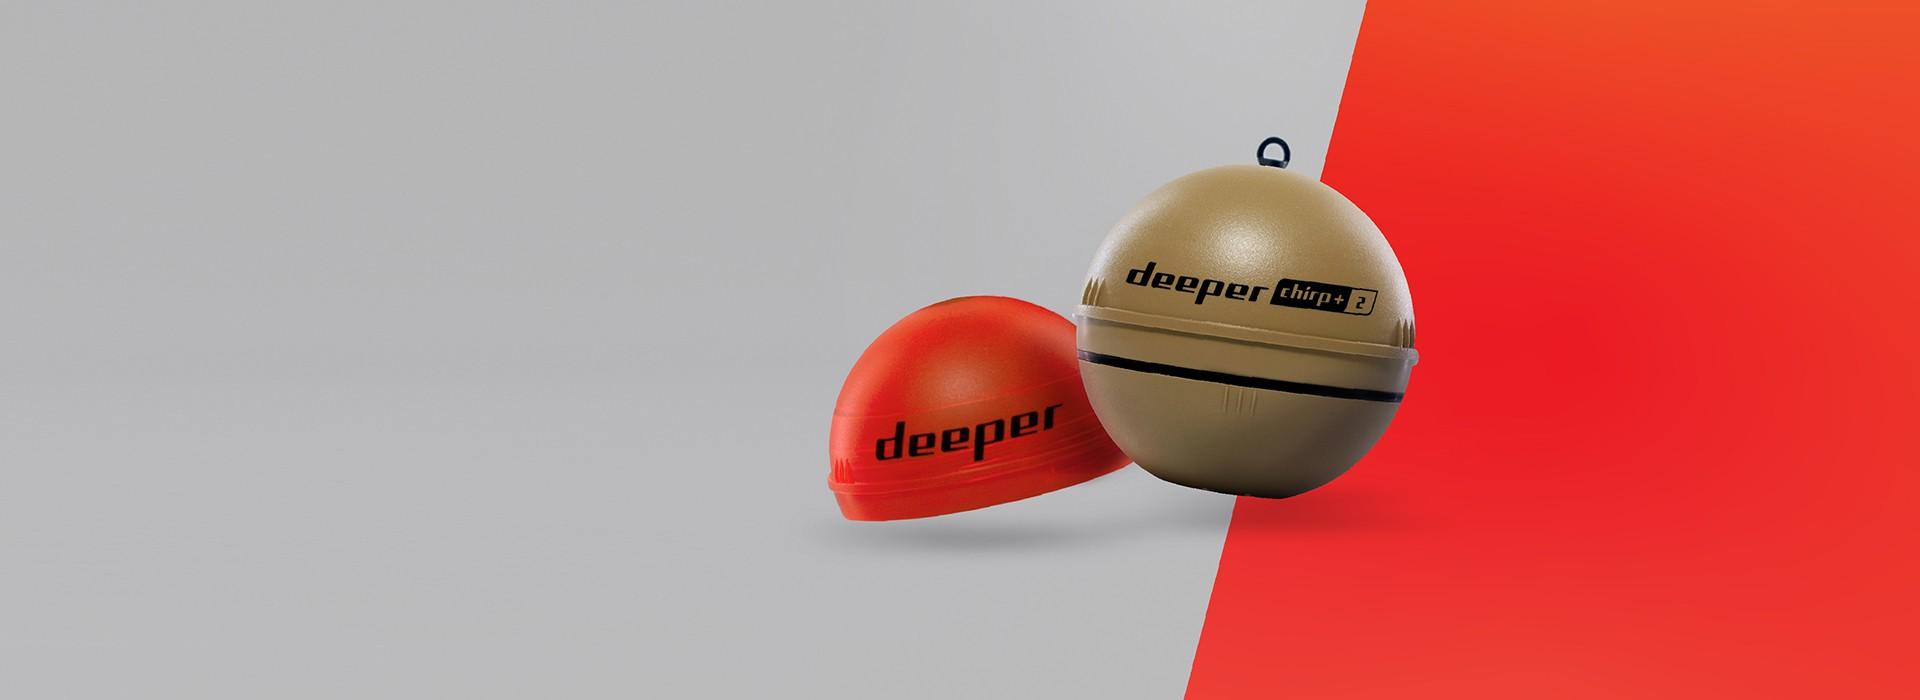 Susipažink su naujuoju Deeper CHIRP+ 2!Galingiausiu iš visų mūsų sonarų. Kol kas.